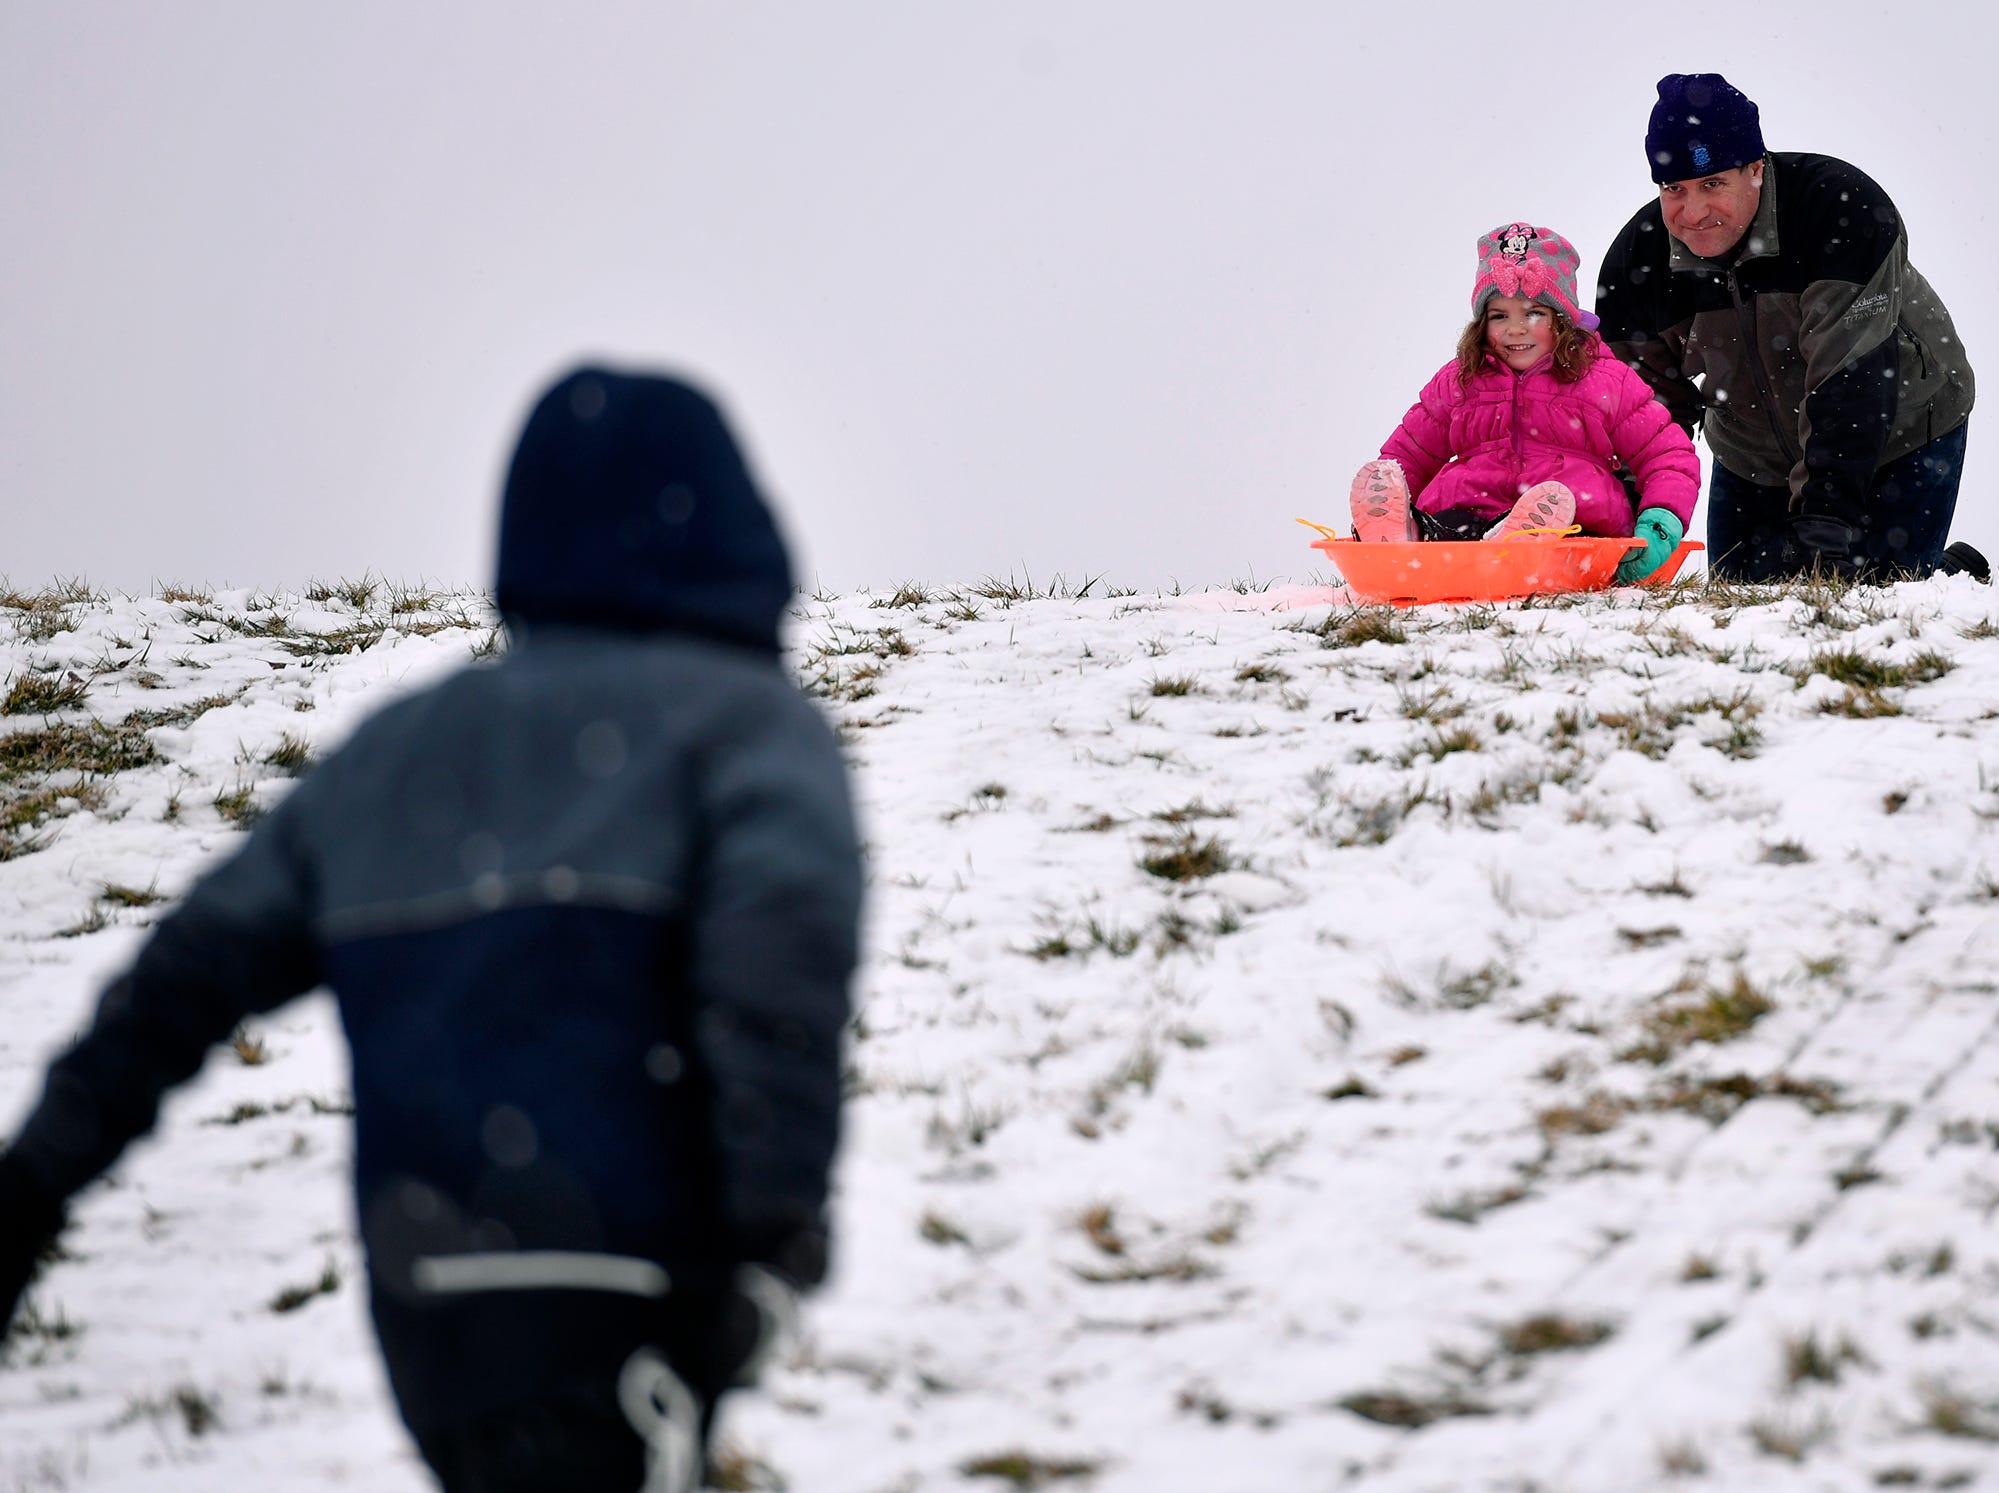 Sledding on a snow day at Springettsbury Park, Monday, Feb. 11, 2019. John A. Pavoncello photo